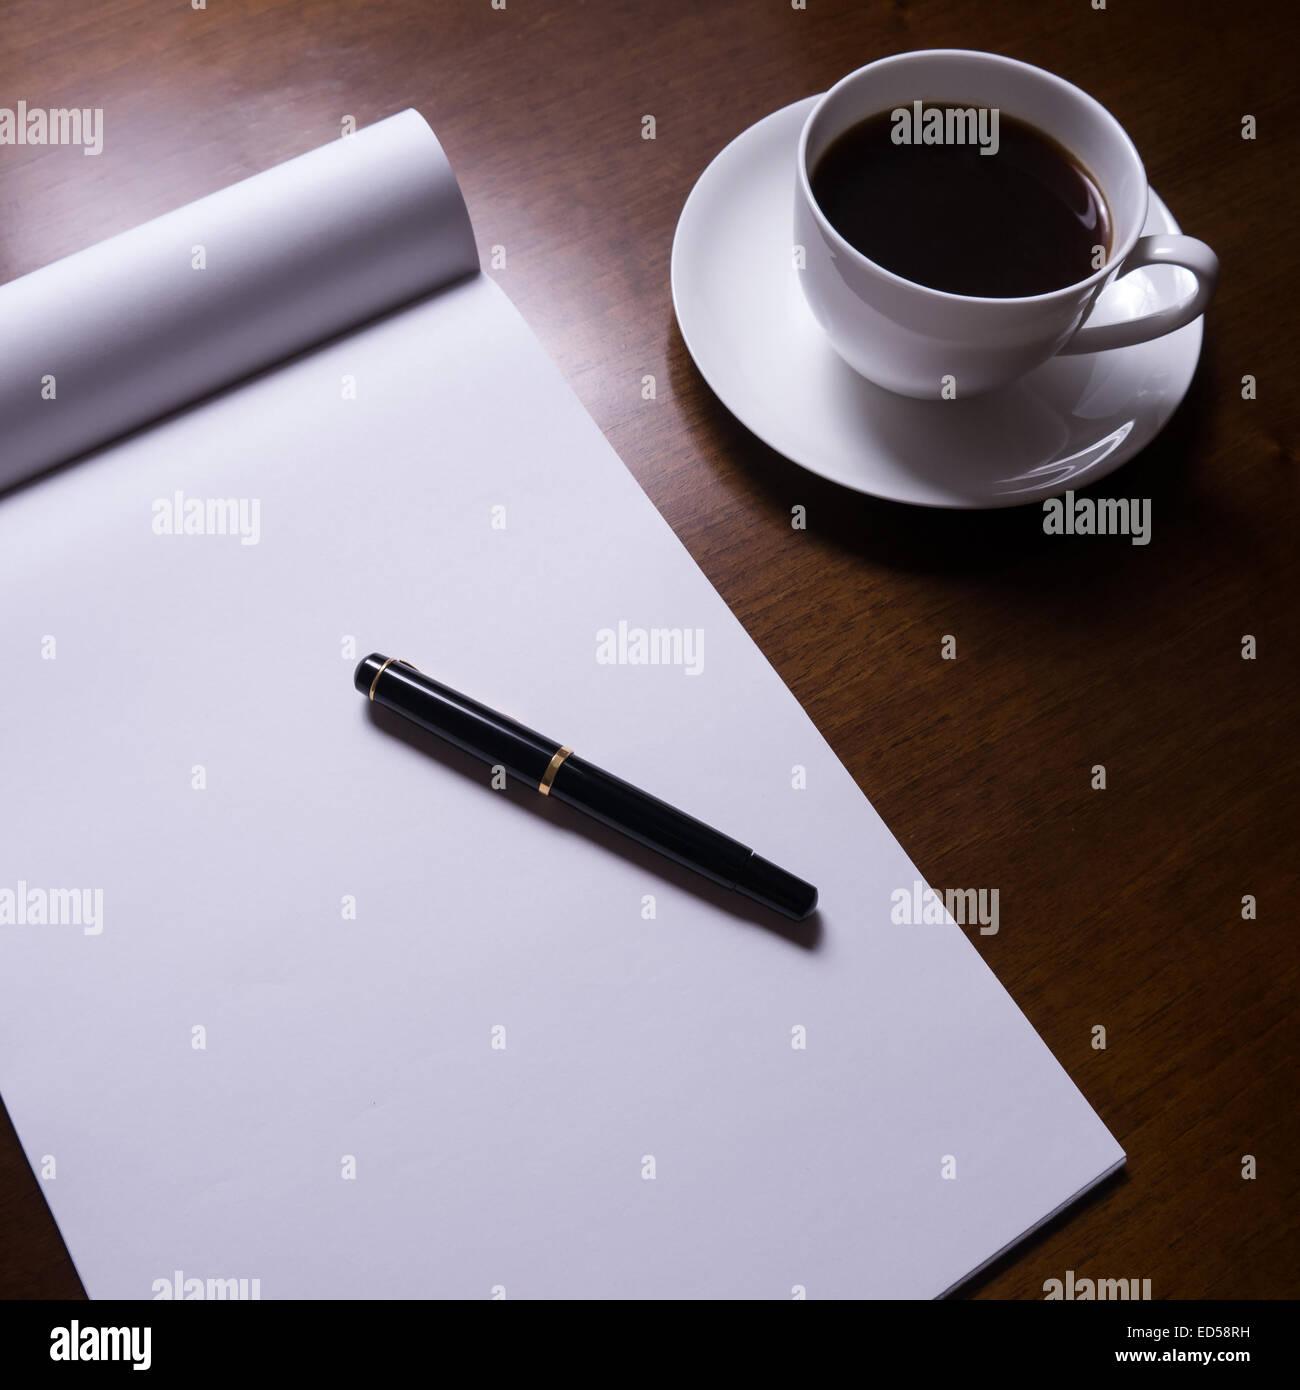 Scrivania con penna stilografica, foglio di carta, una tazza di caffè Immagini Stock